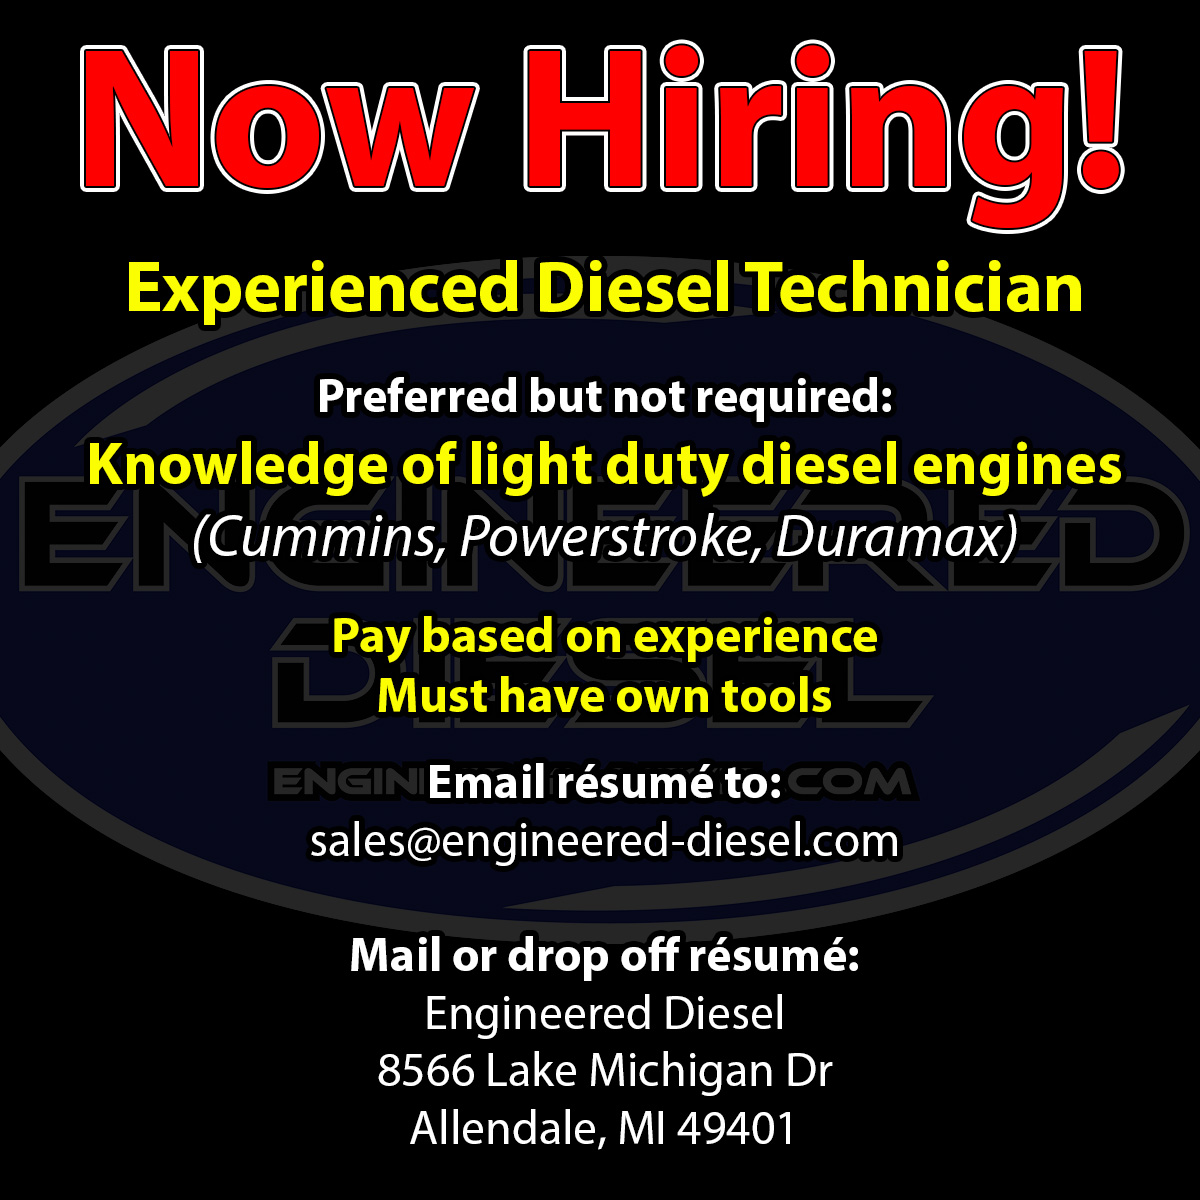 Diesel Technician - Now Hiring